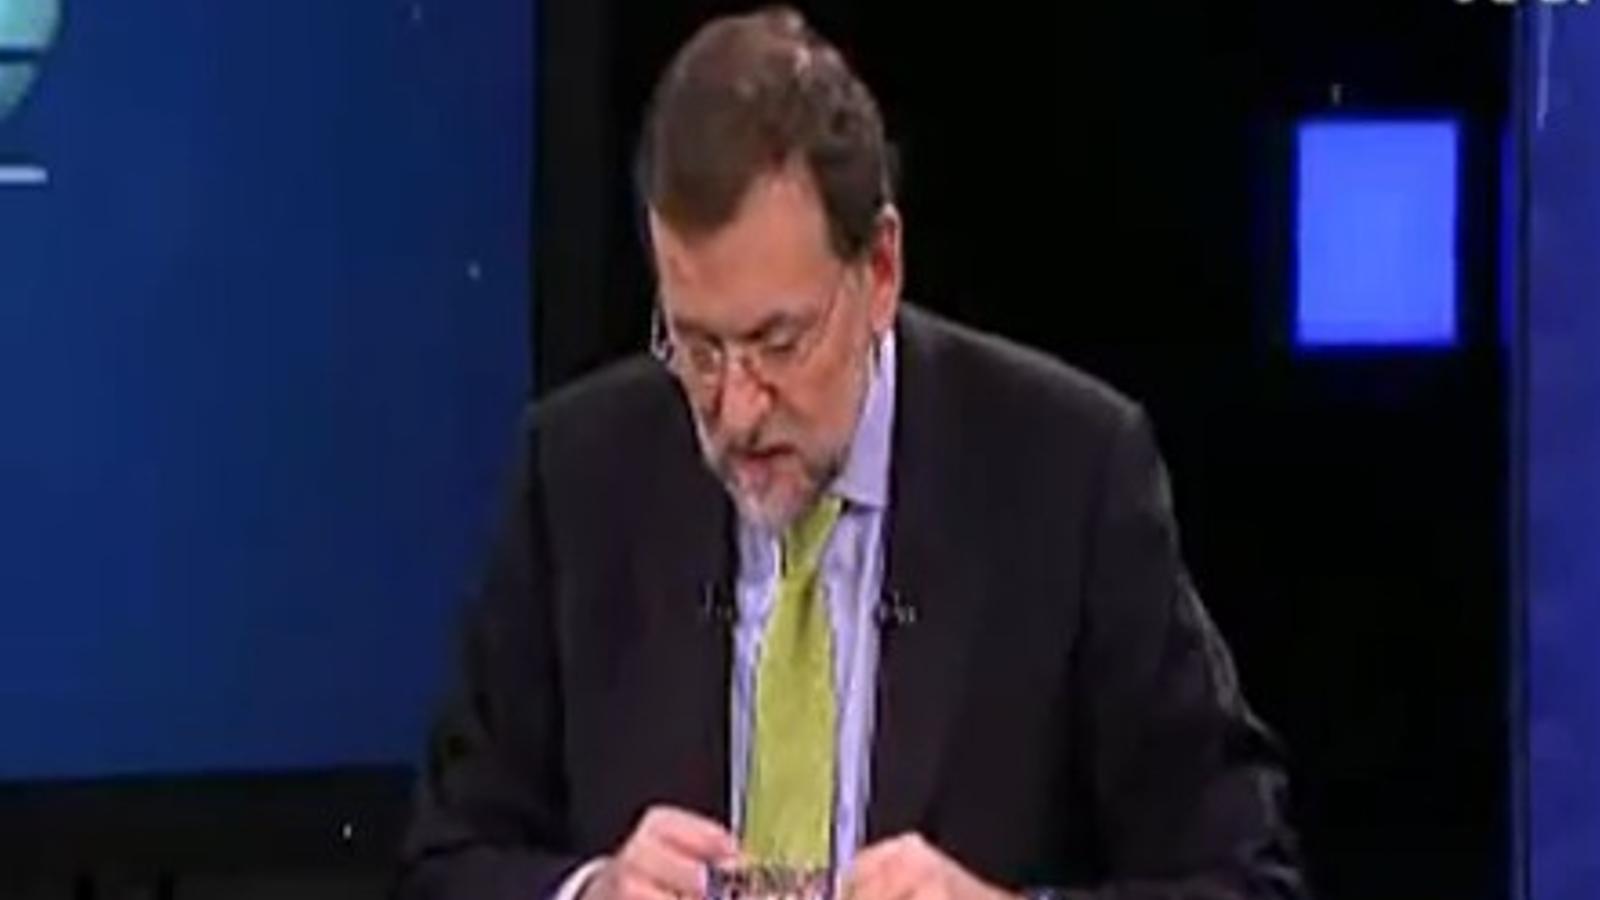 Rajoy no entén la seva pròpia lletra i es queda en blanc, a Veo7